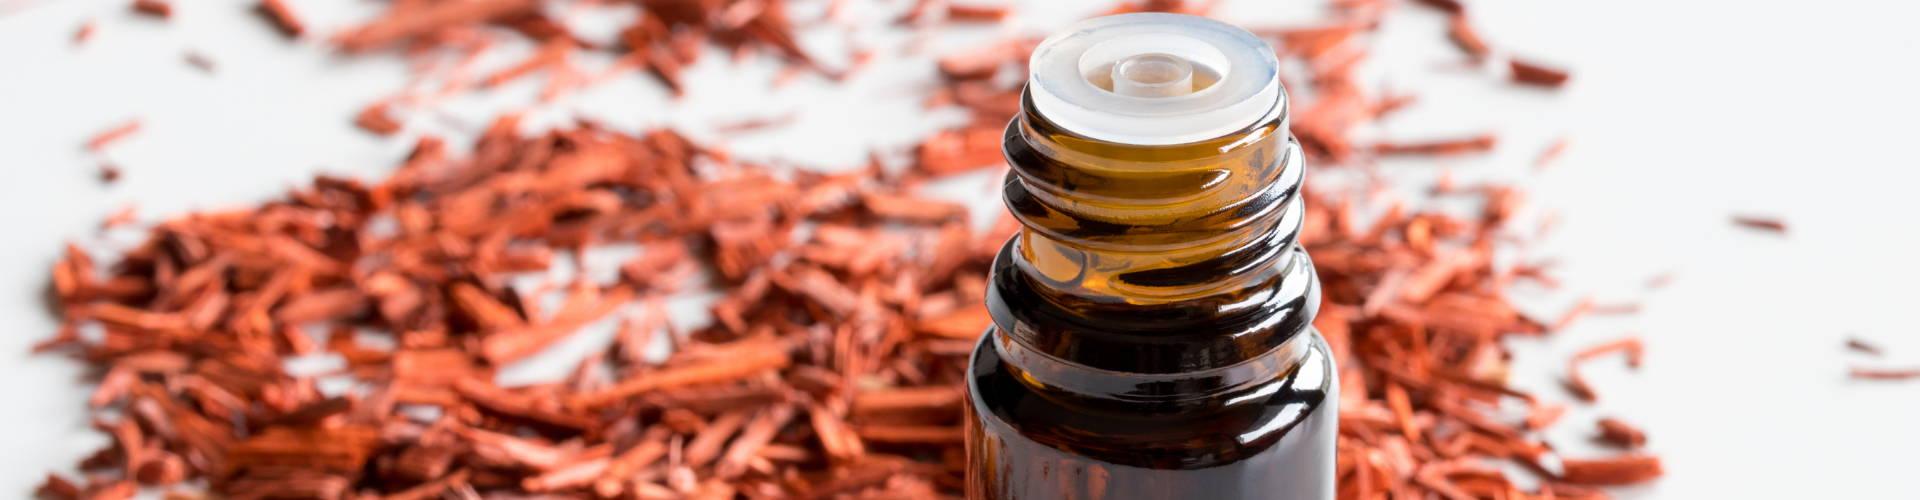 sandalwood incense oil